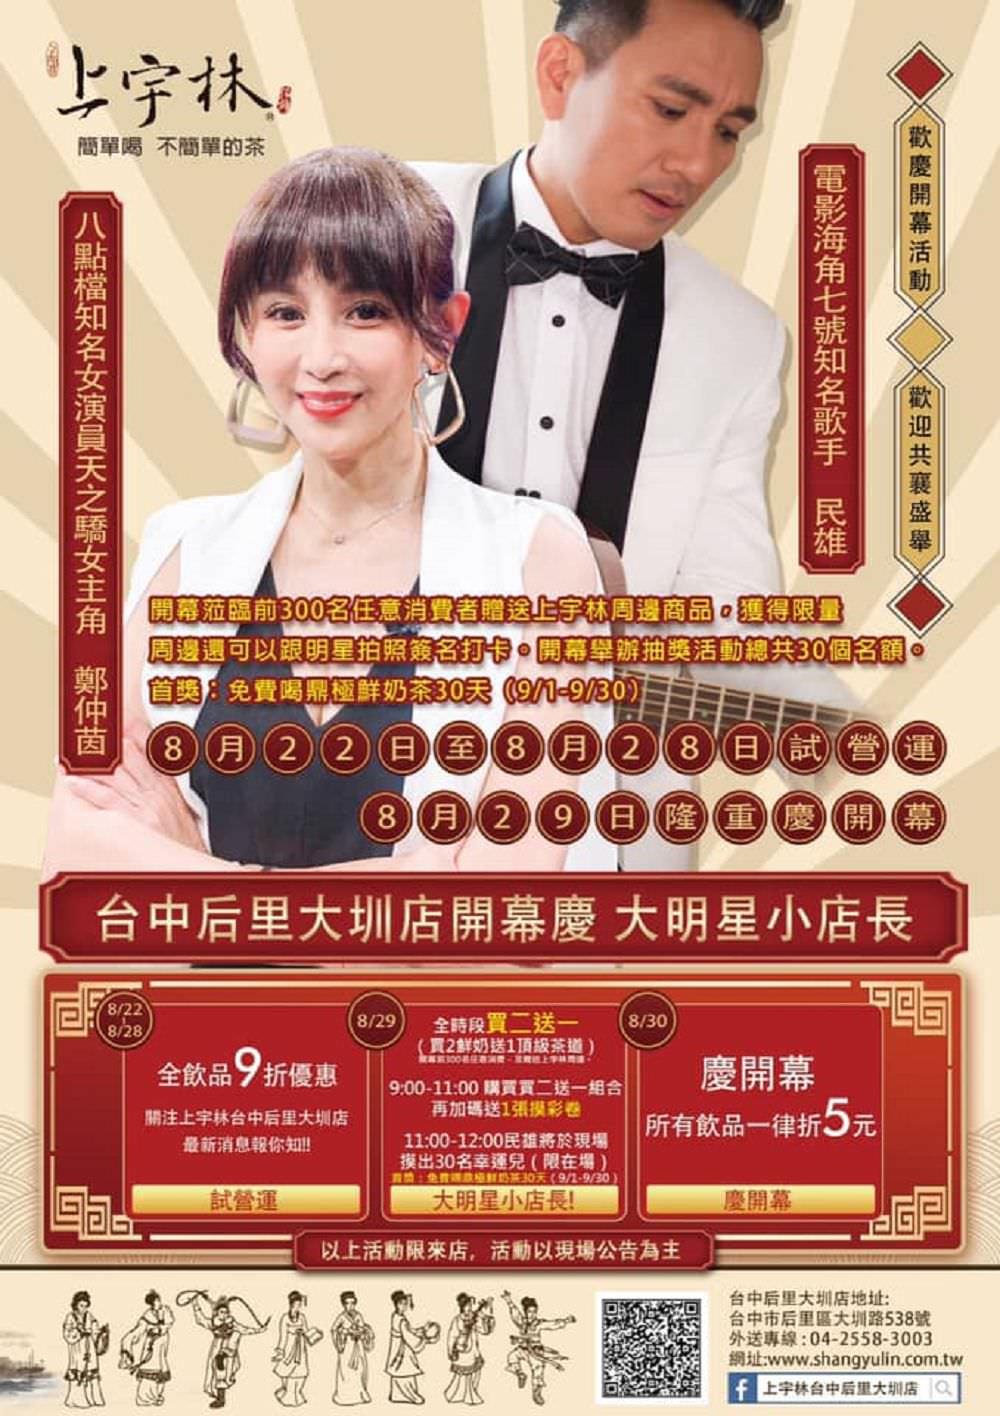 上宇林后里大圳店 (23)